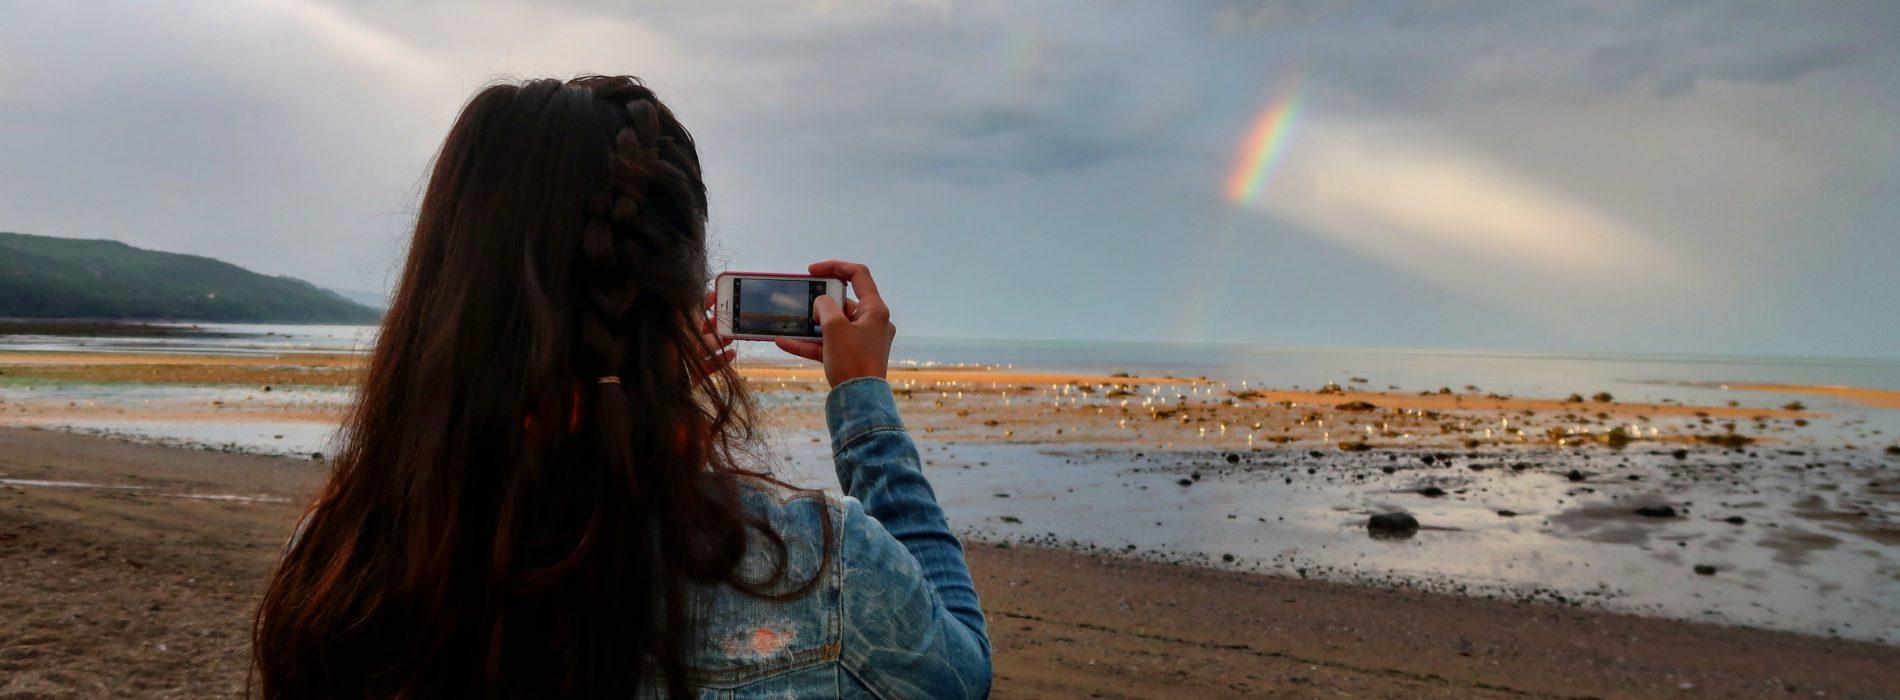 Charlevoix : 10 spots magiques pour tes photos Instagram